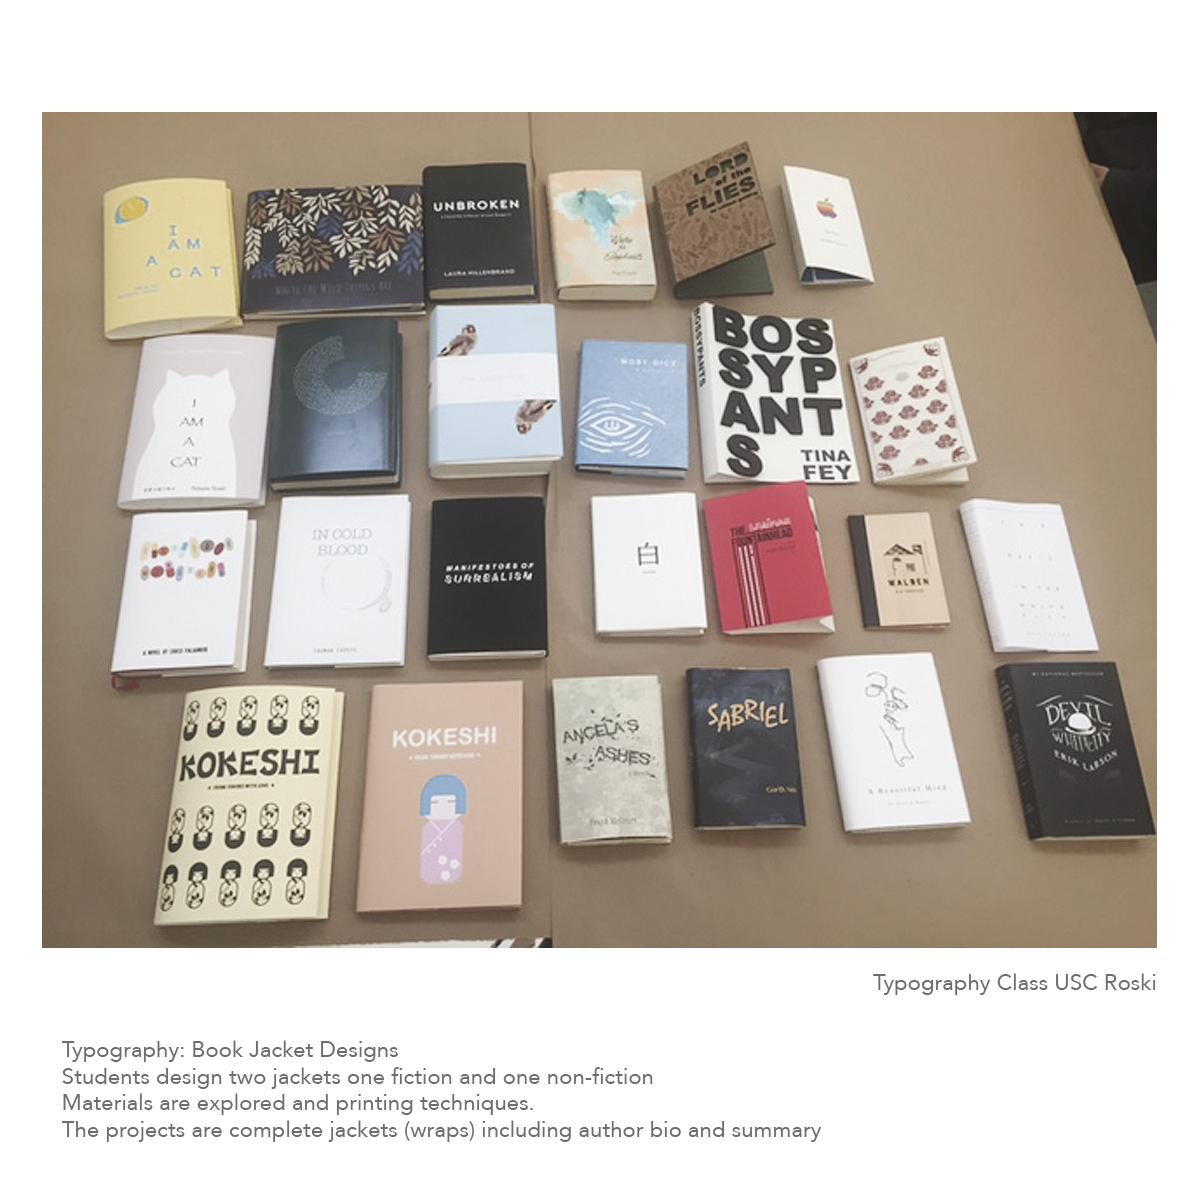 studentwork_Type_bookjacket1.jpg